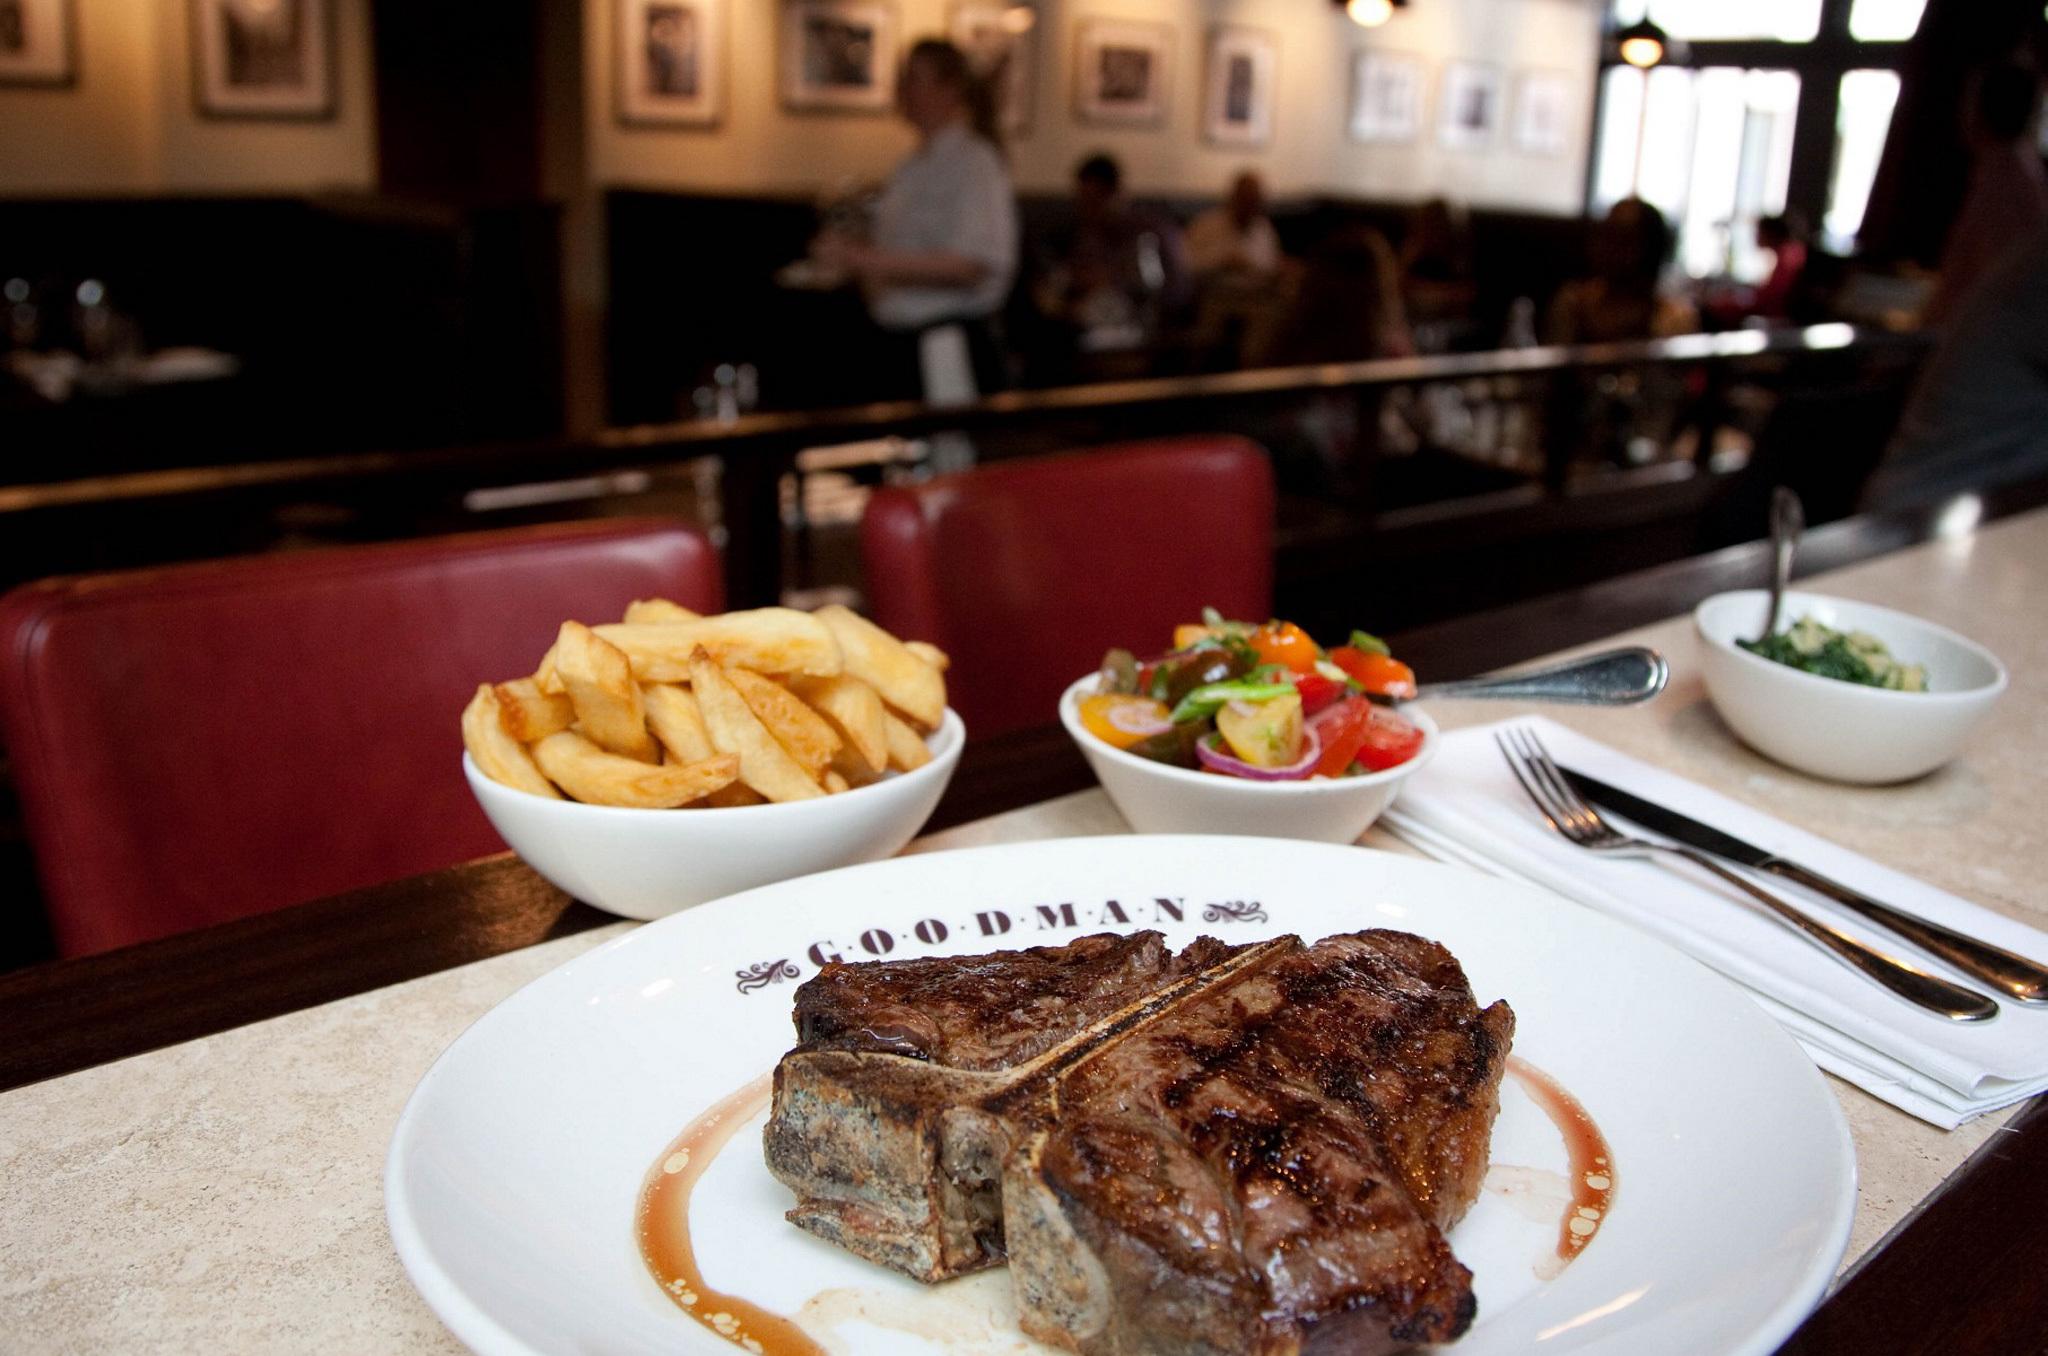 Best London restaurants: Goodman Mayfair